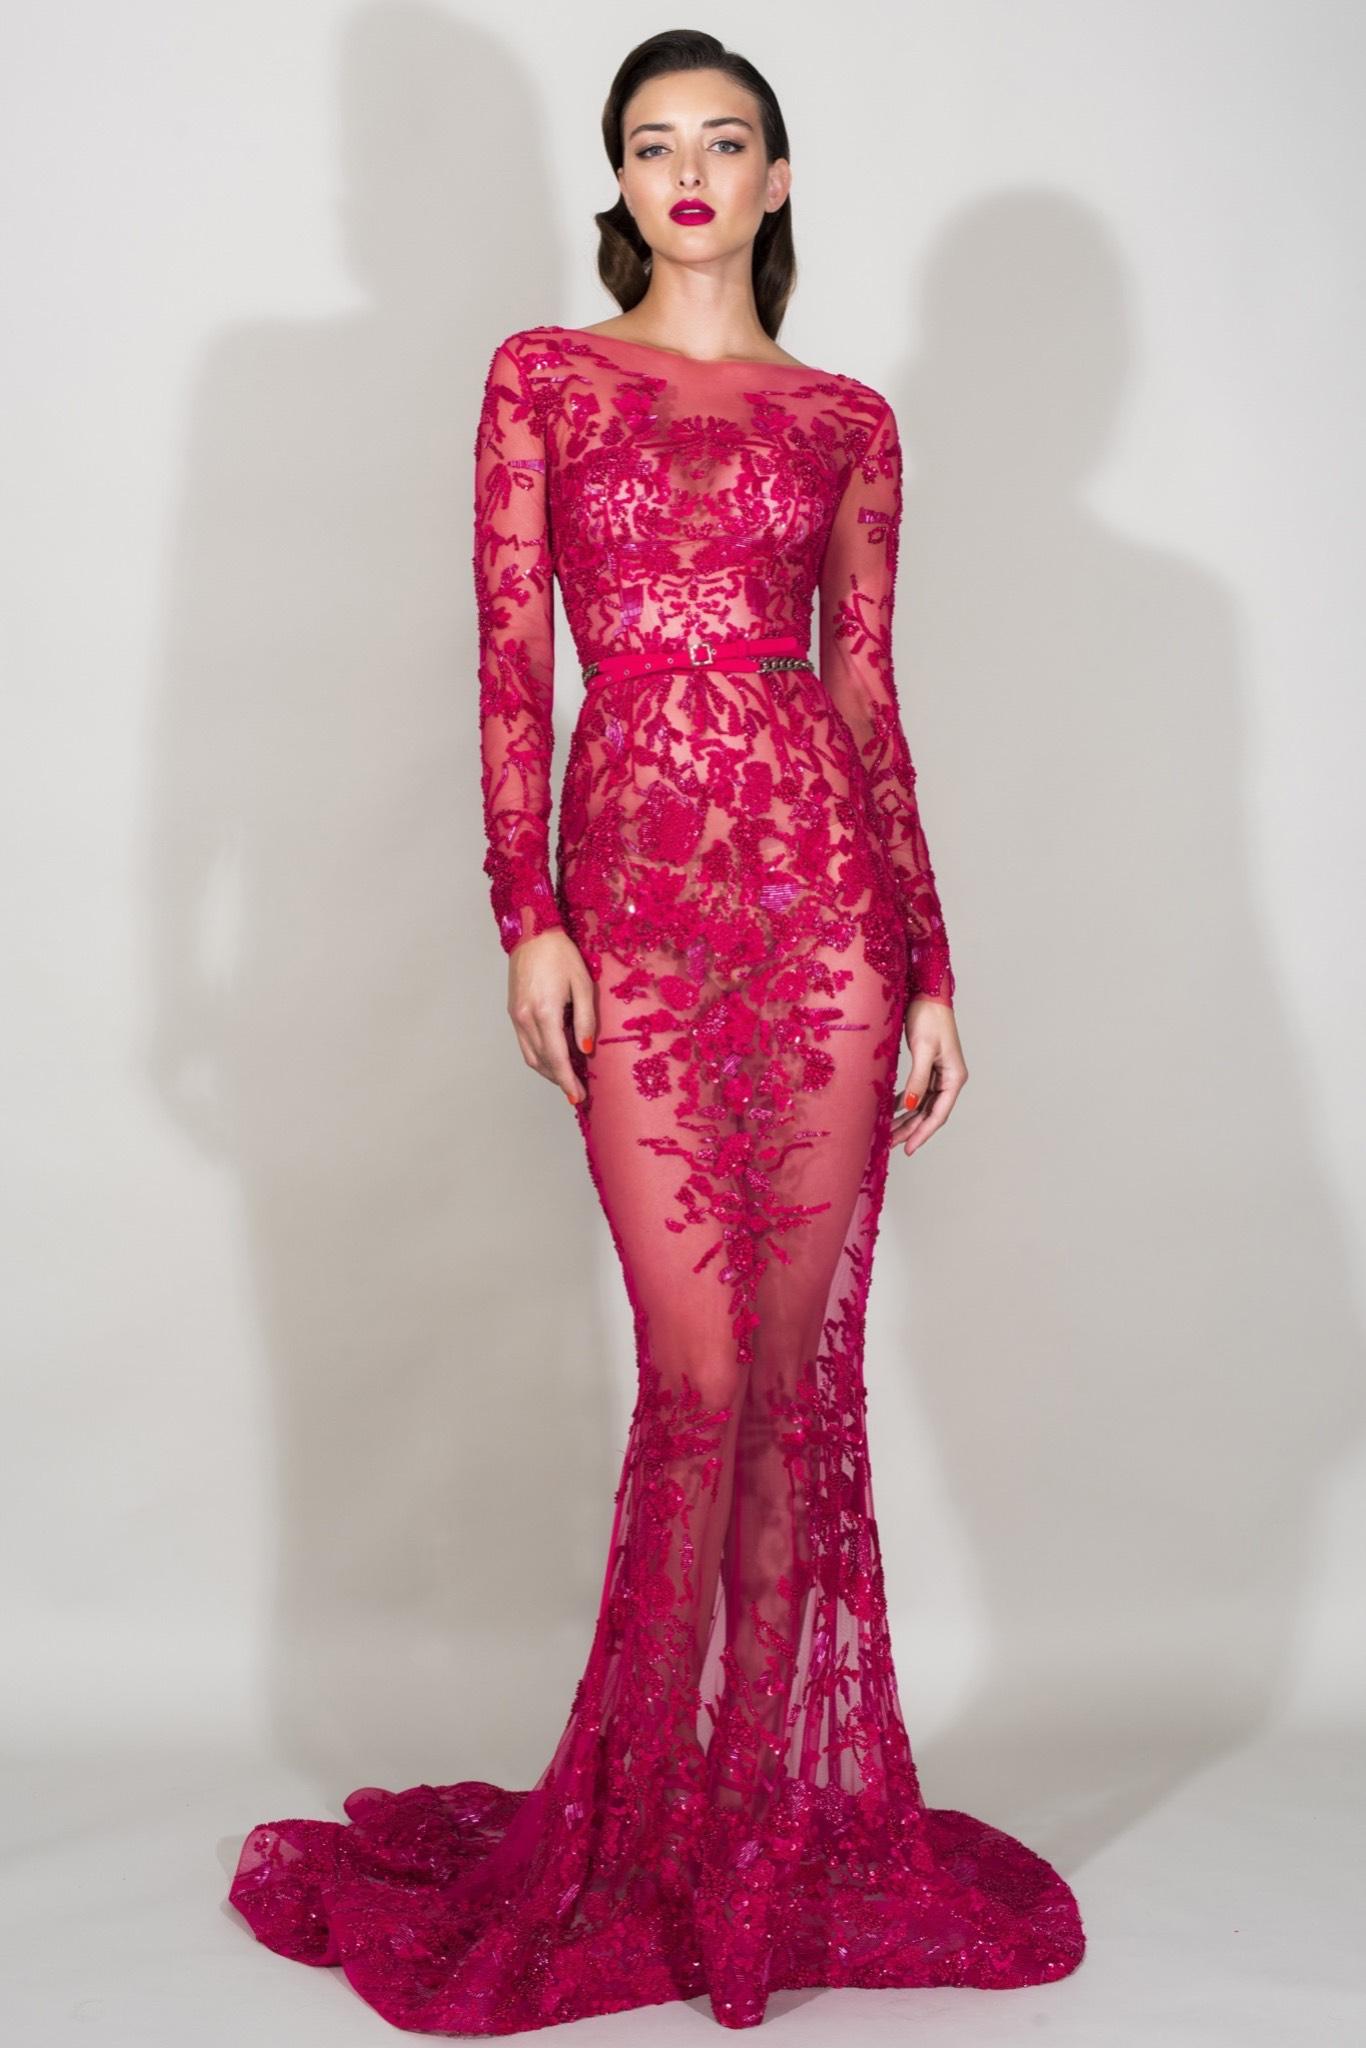 صورة صور اجمل فساتين , انوثتك و جمالك بيزيدوا مع فستانك